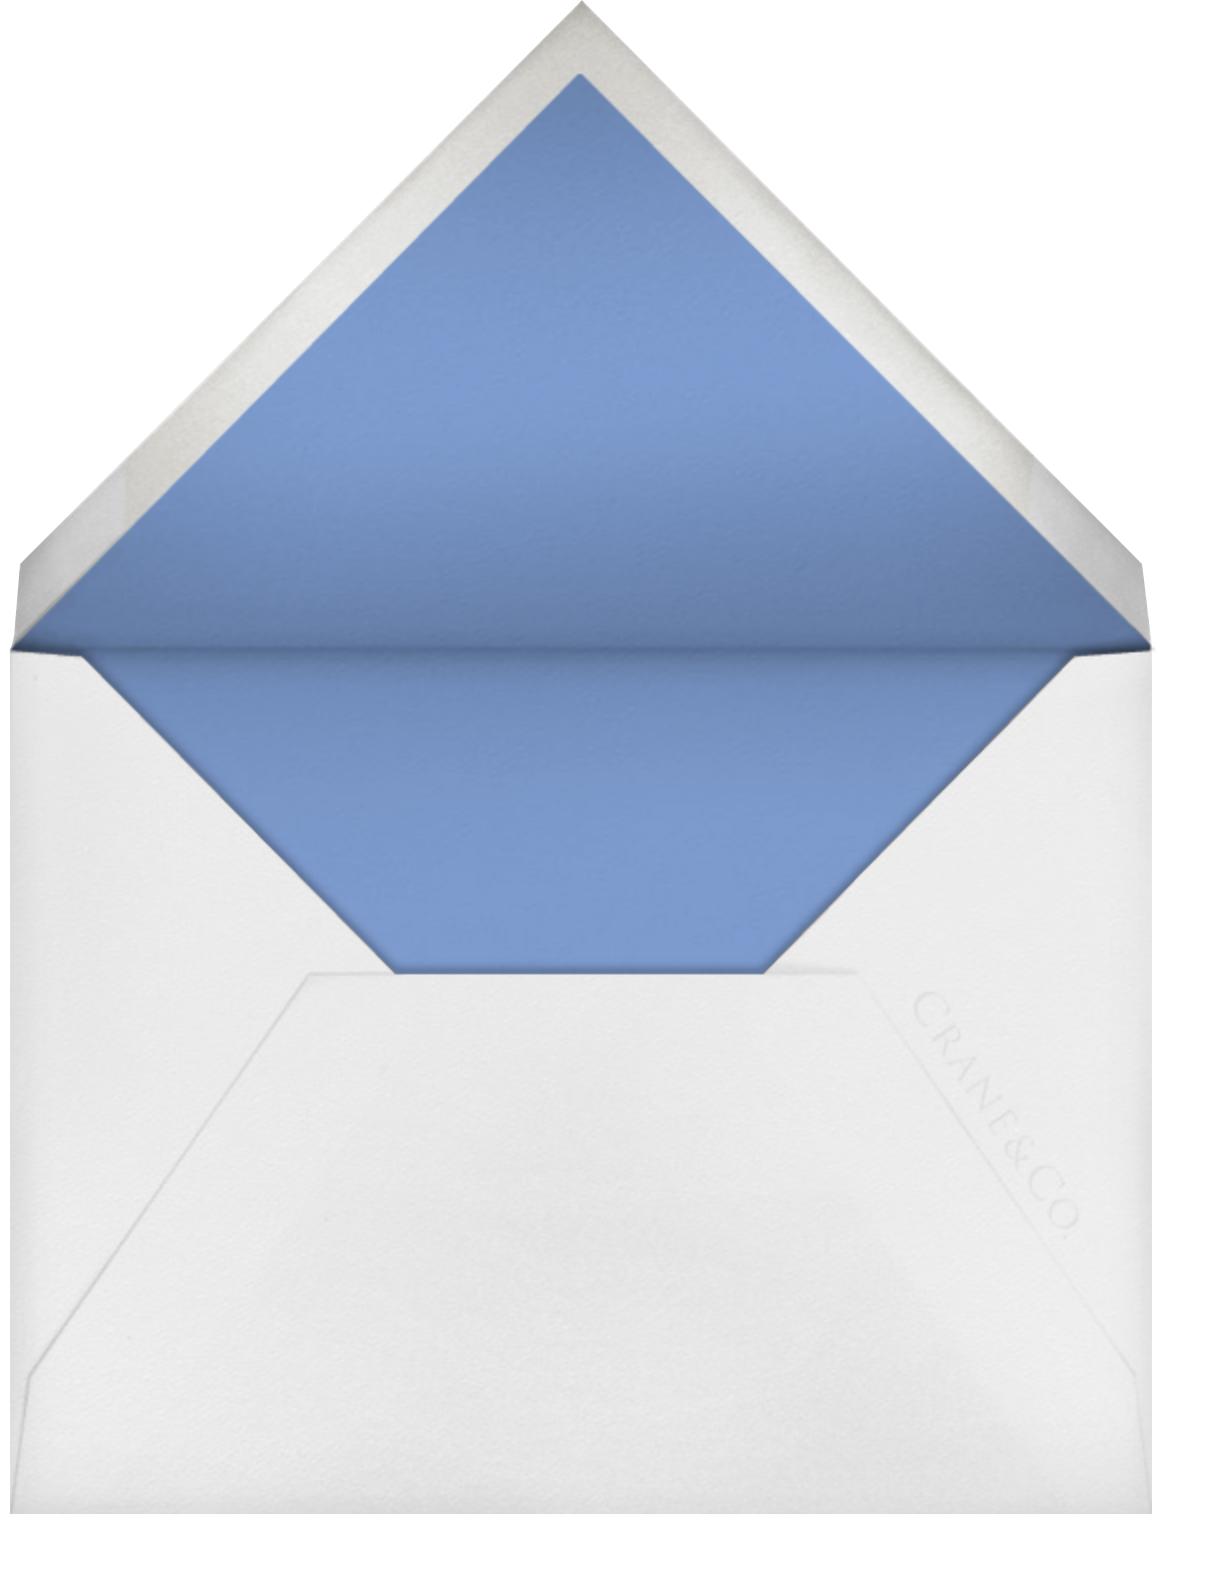 Sargasso - Crane & Co. - All - envelope back